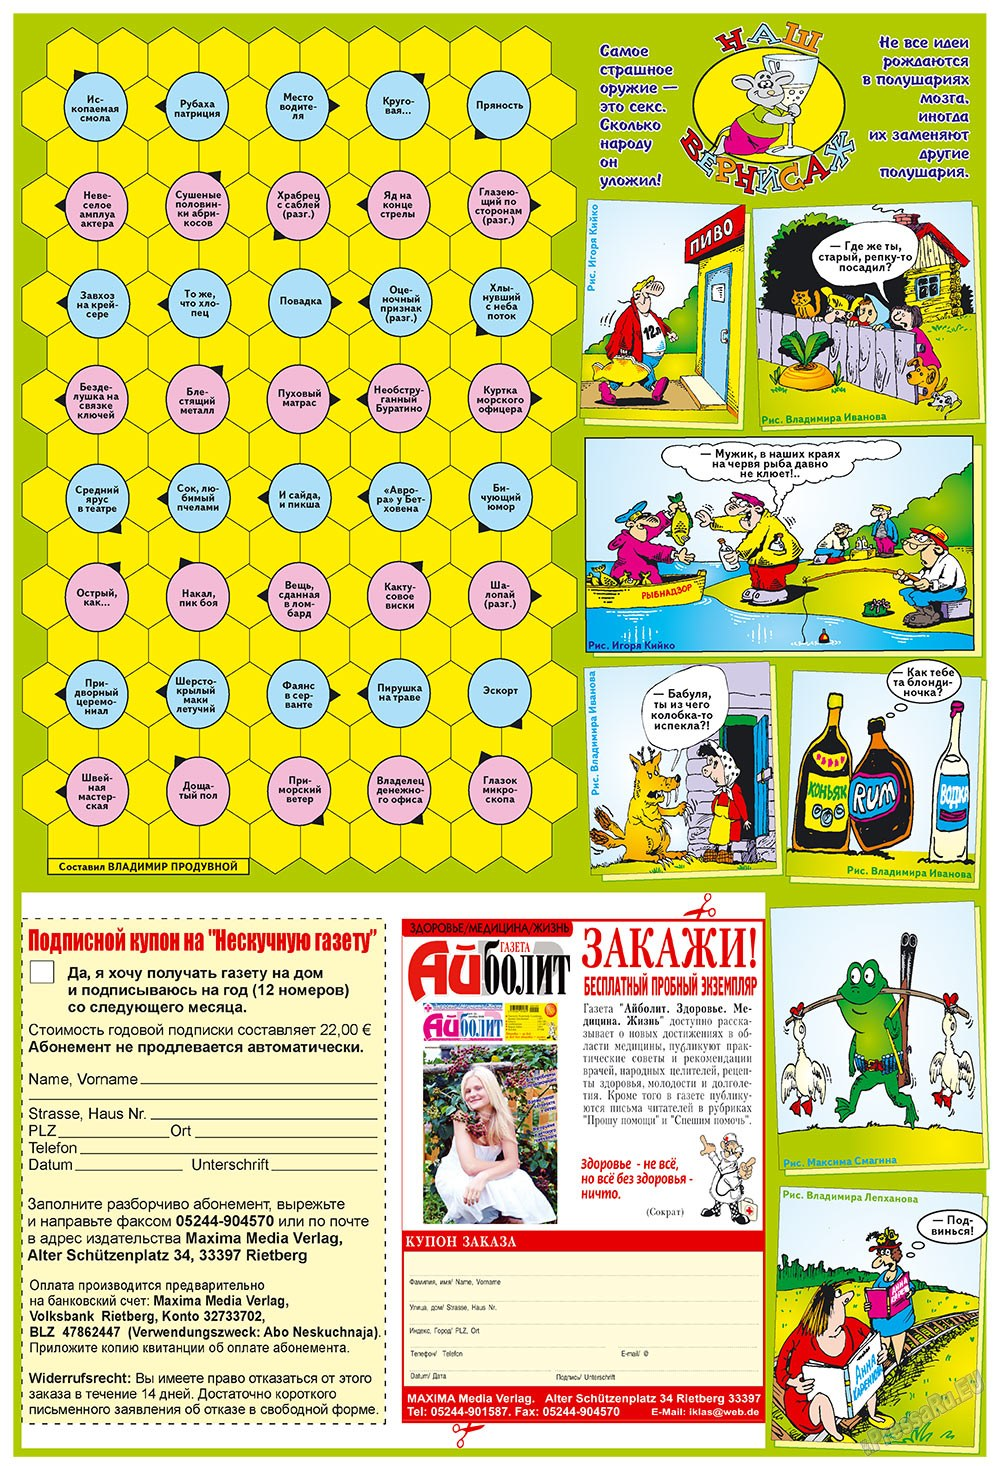 Нескучная газета (газета). 2008 год, номер 10, стр. 24